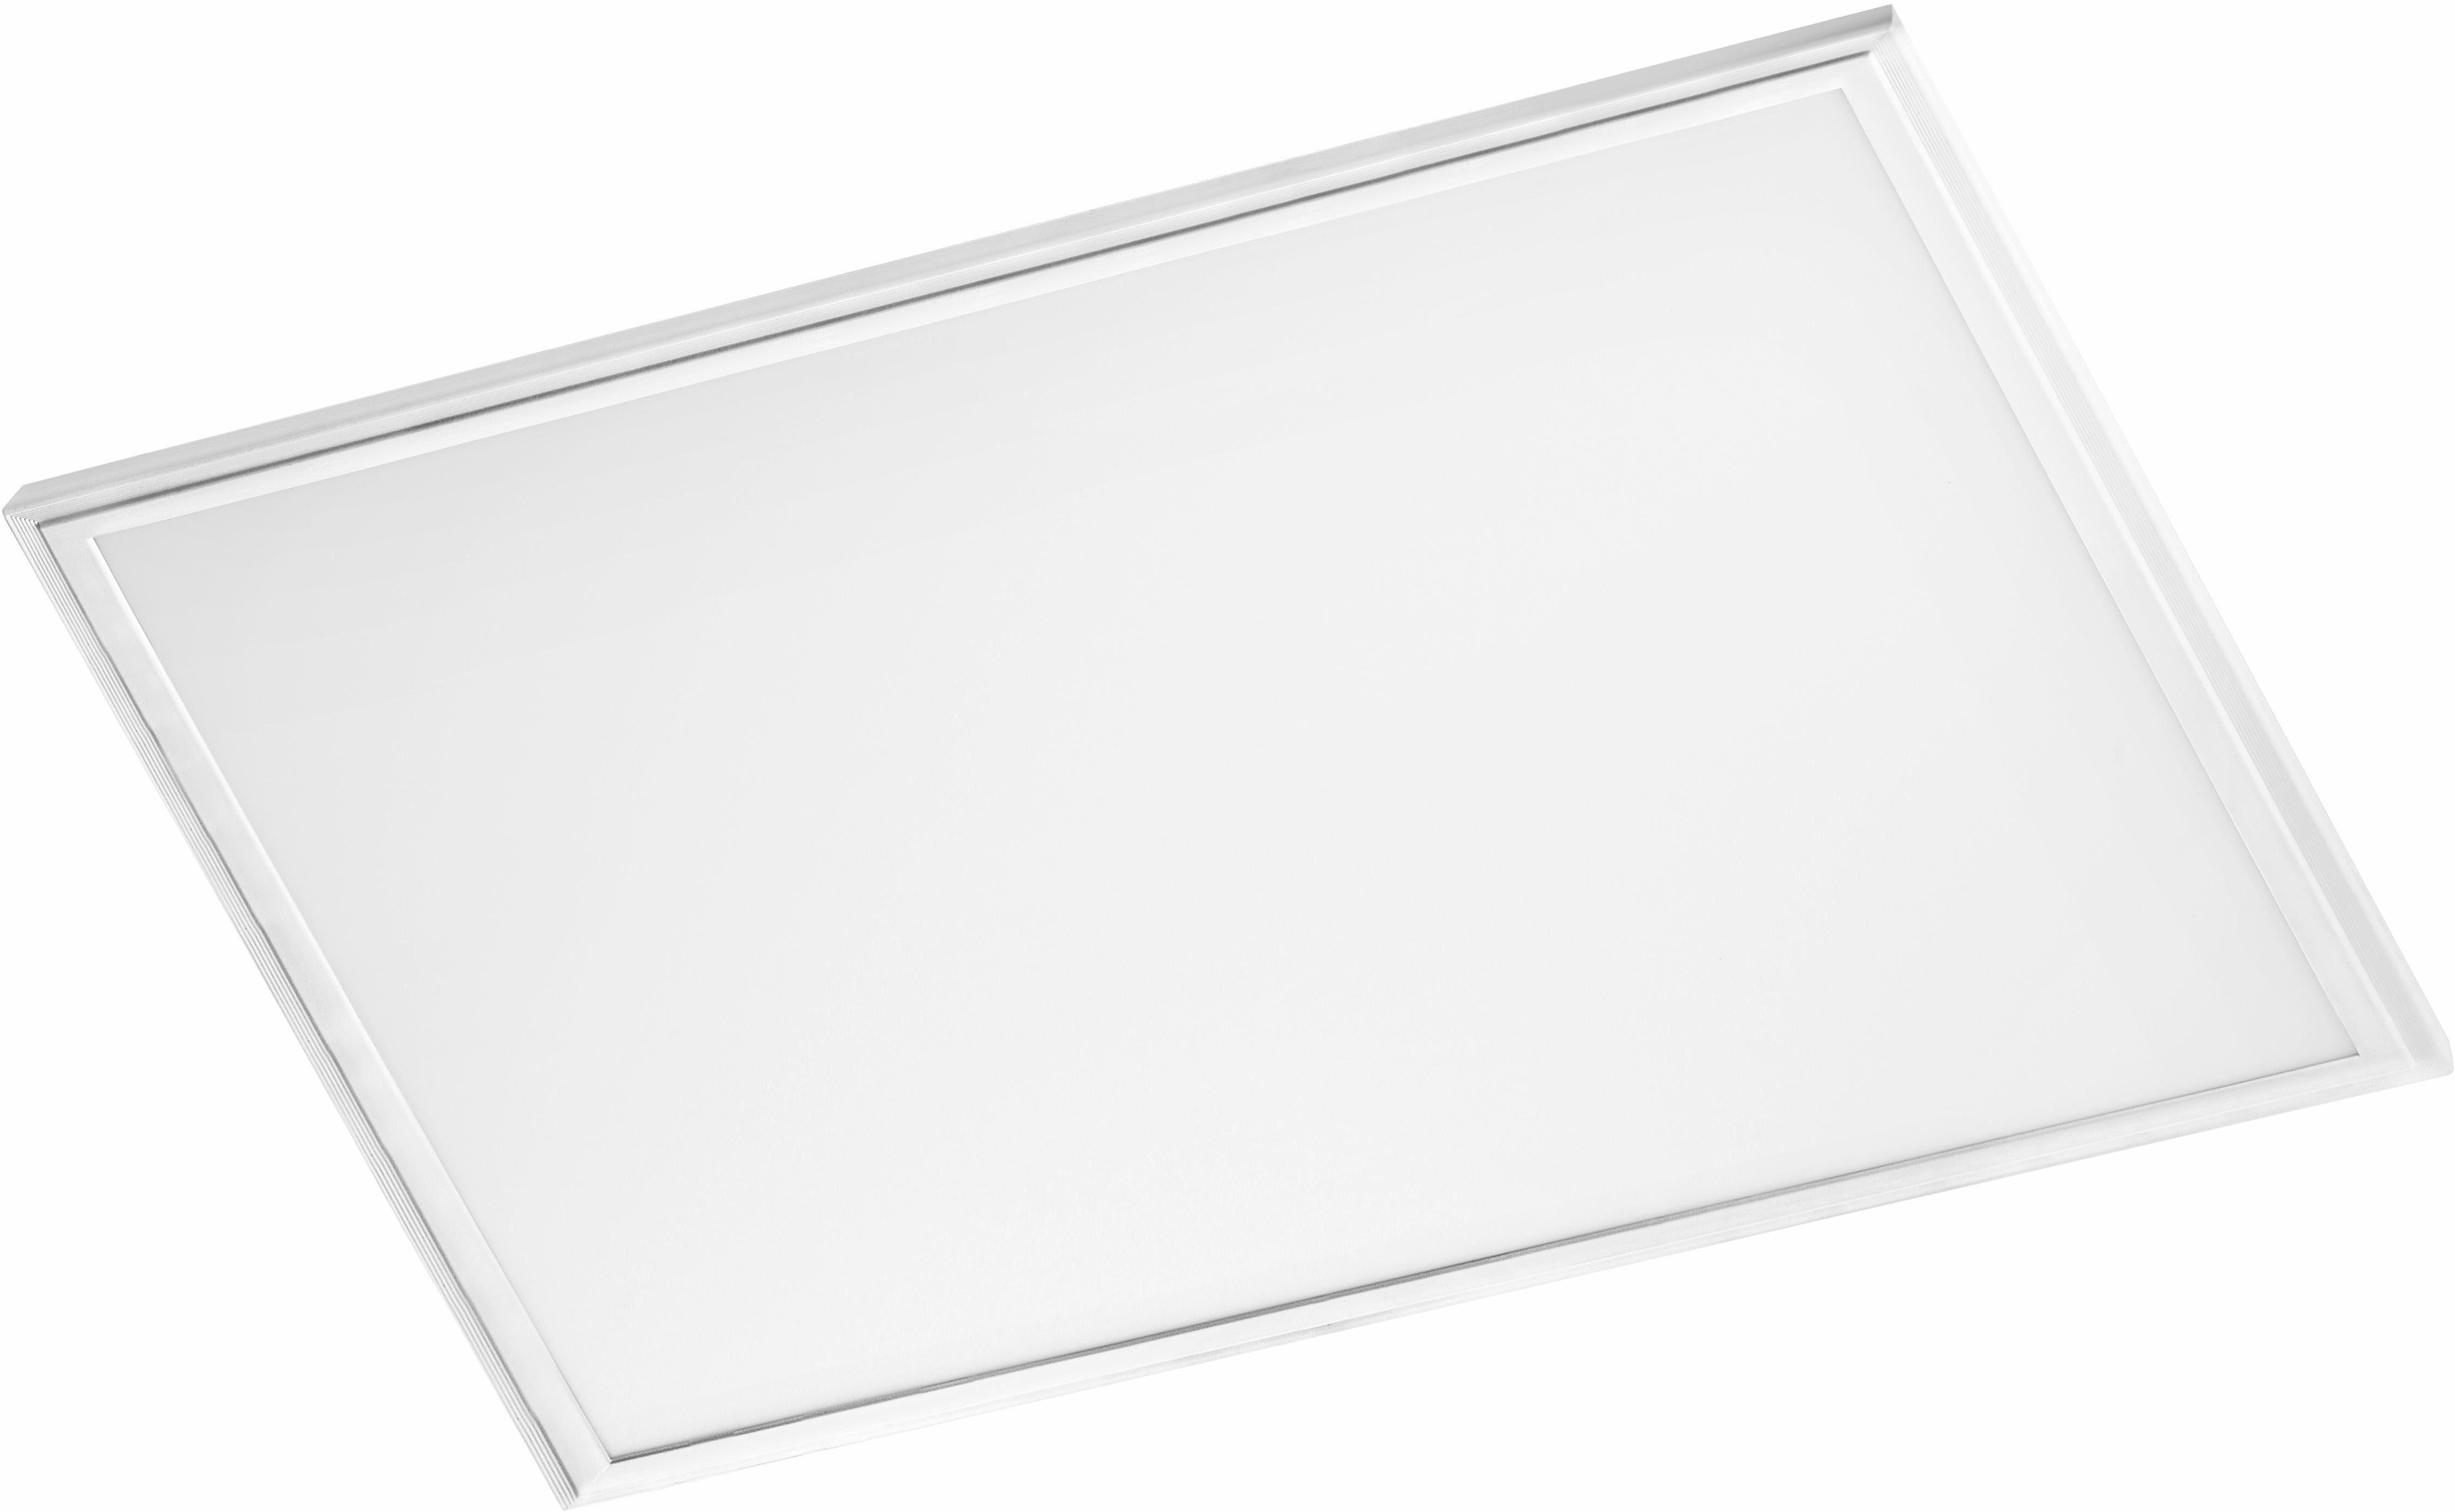 Eglo LED Deckenleuchte, 1flg., 59,5 x 59,5 cm, »SALOBRENA-RW«